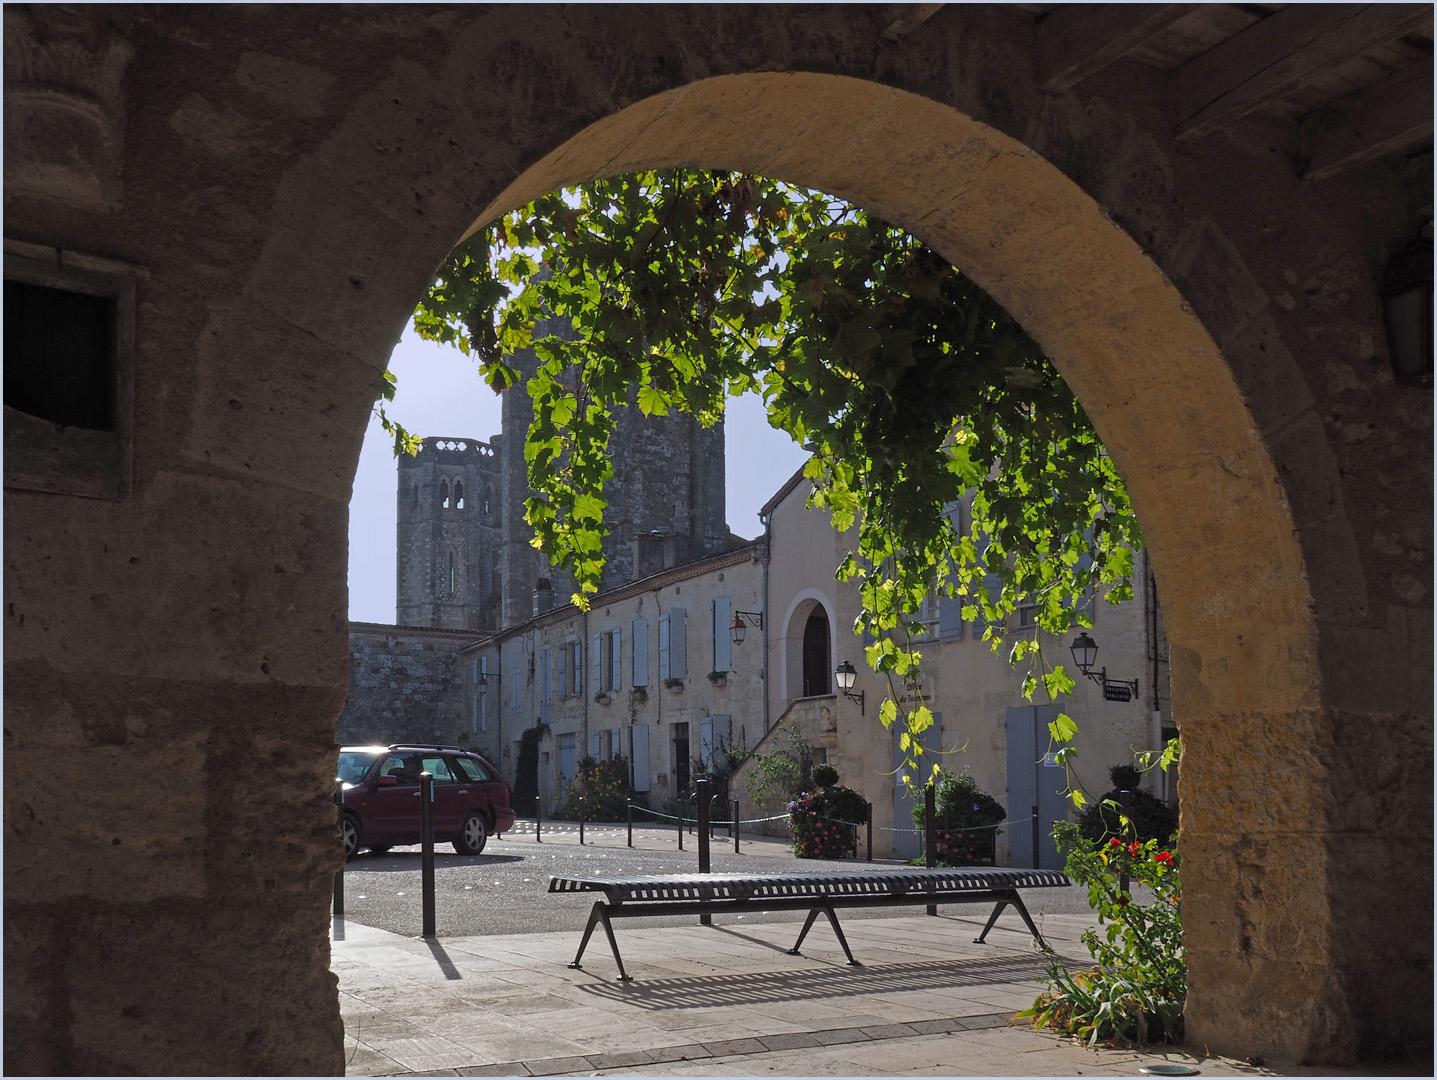 La Place Centrale et la Collégiale de La Romieu (Gers)